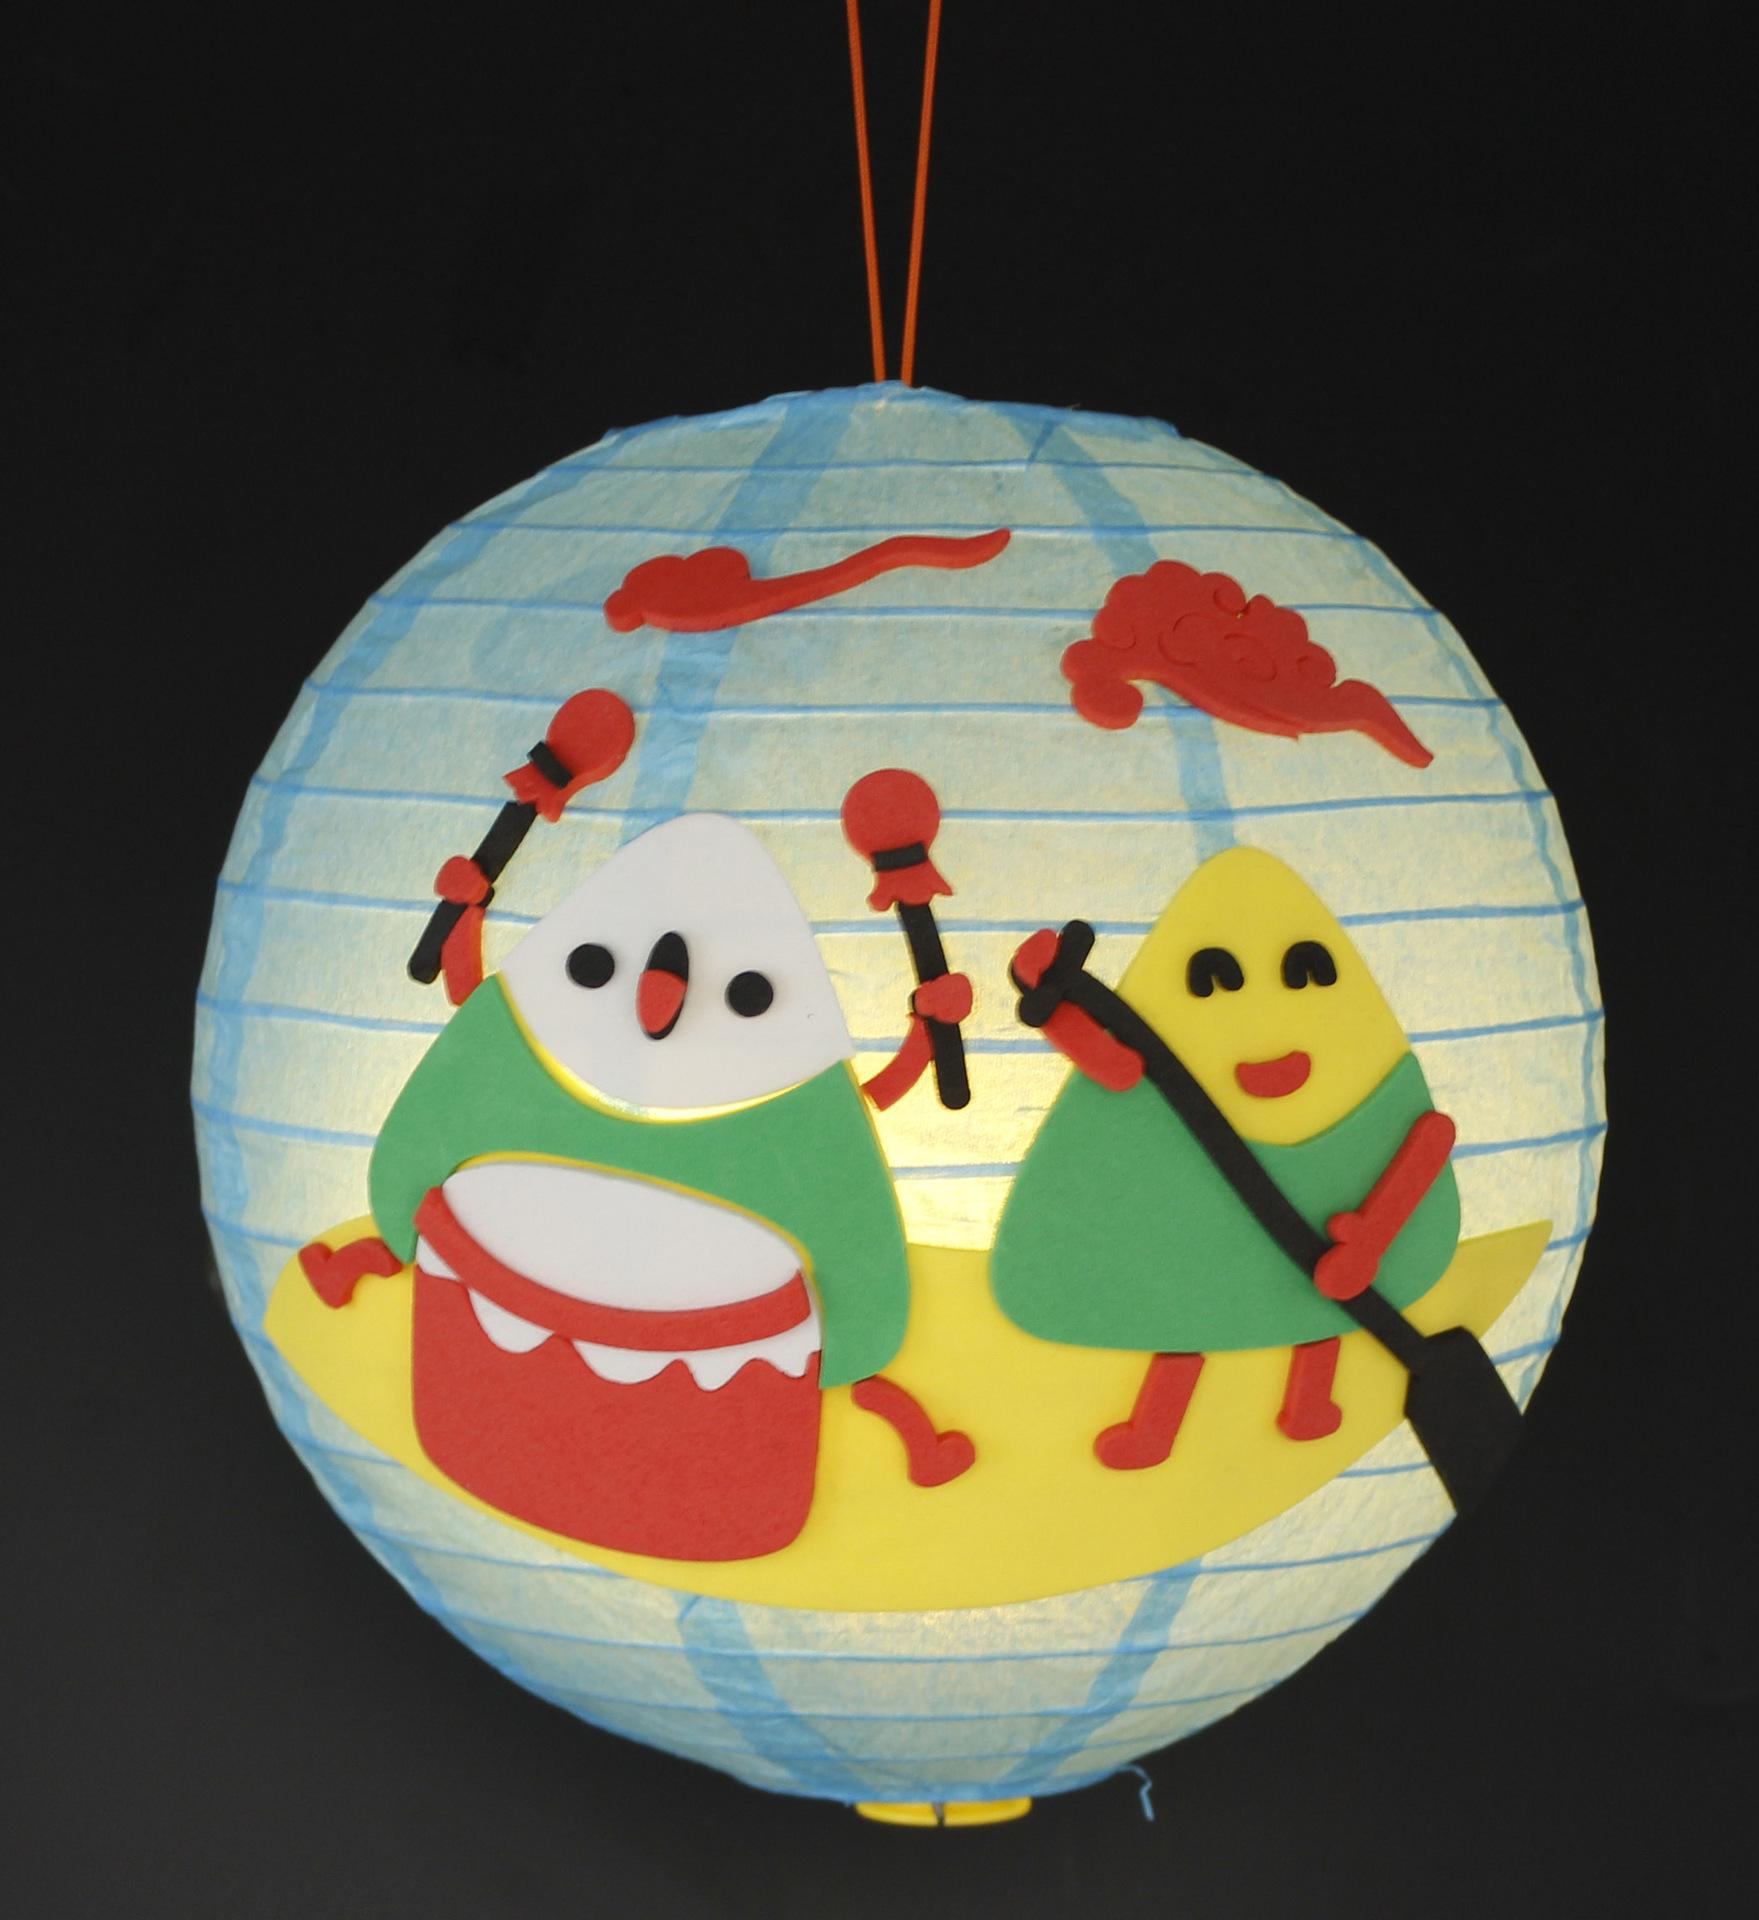 手工灯笼端午手提灯笼幼儿园diy手工制作材料包金翅膀